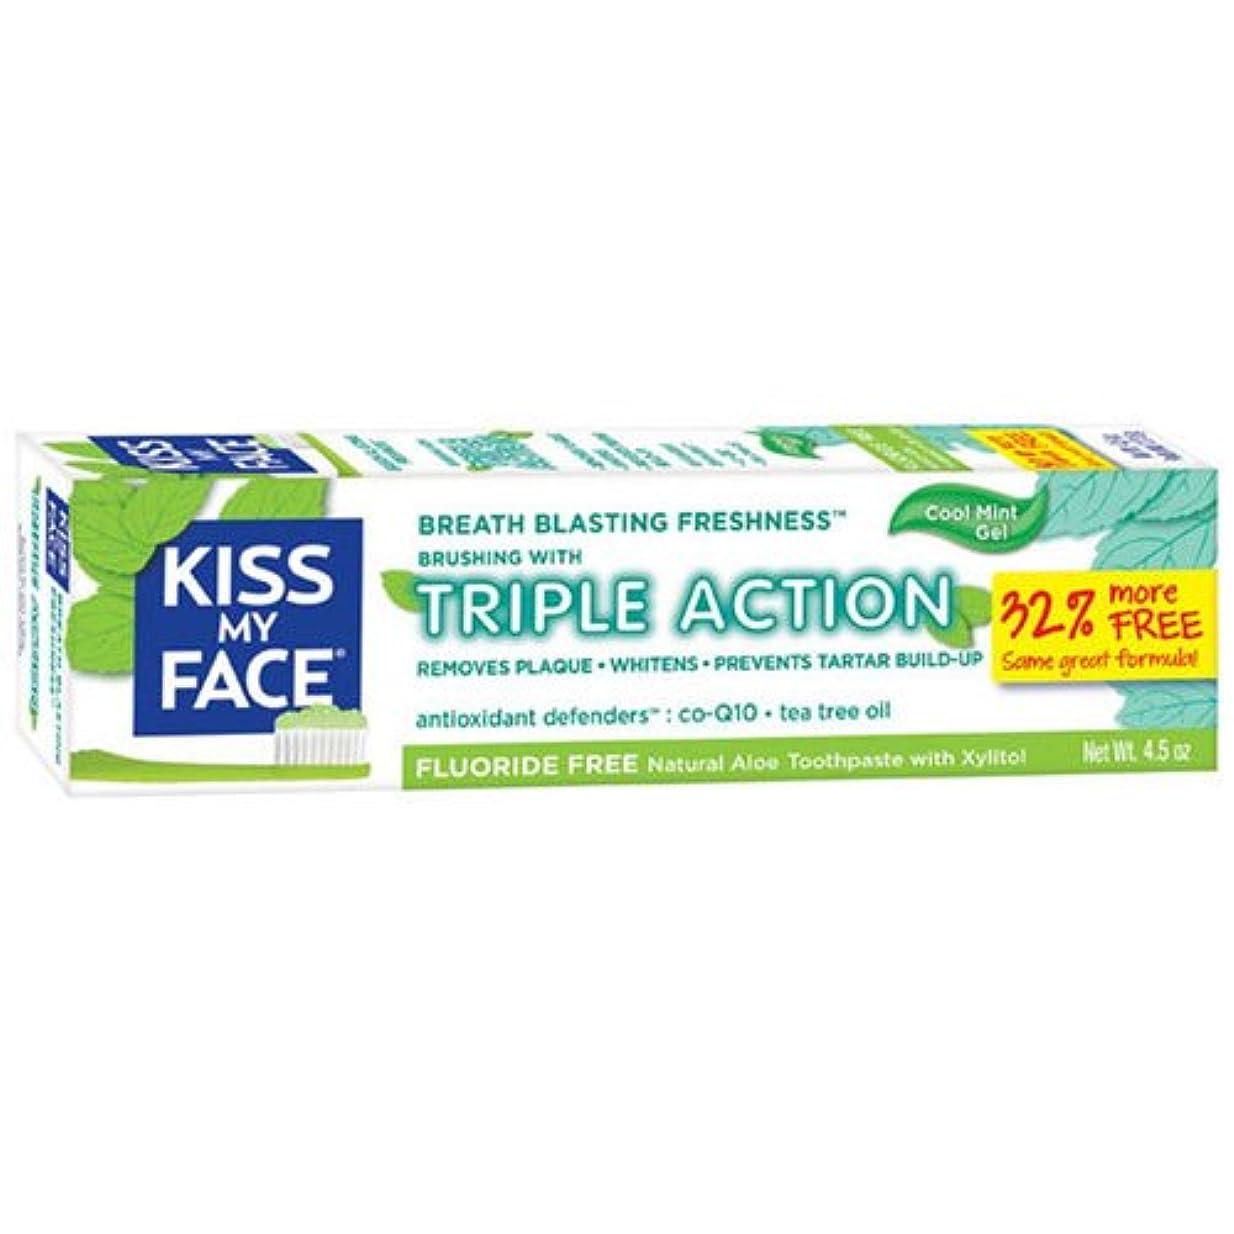 ストッキング素晴らしさローマ人Kiss My Face ハミガキトリプルアクションミントジェル4.5オンスクール(133Ml)(3パック)